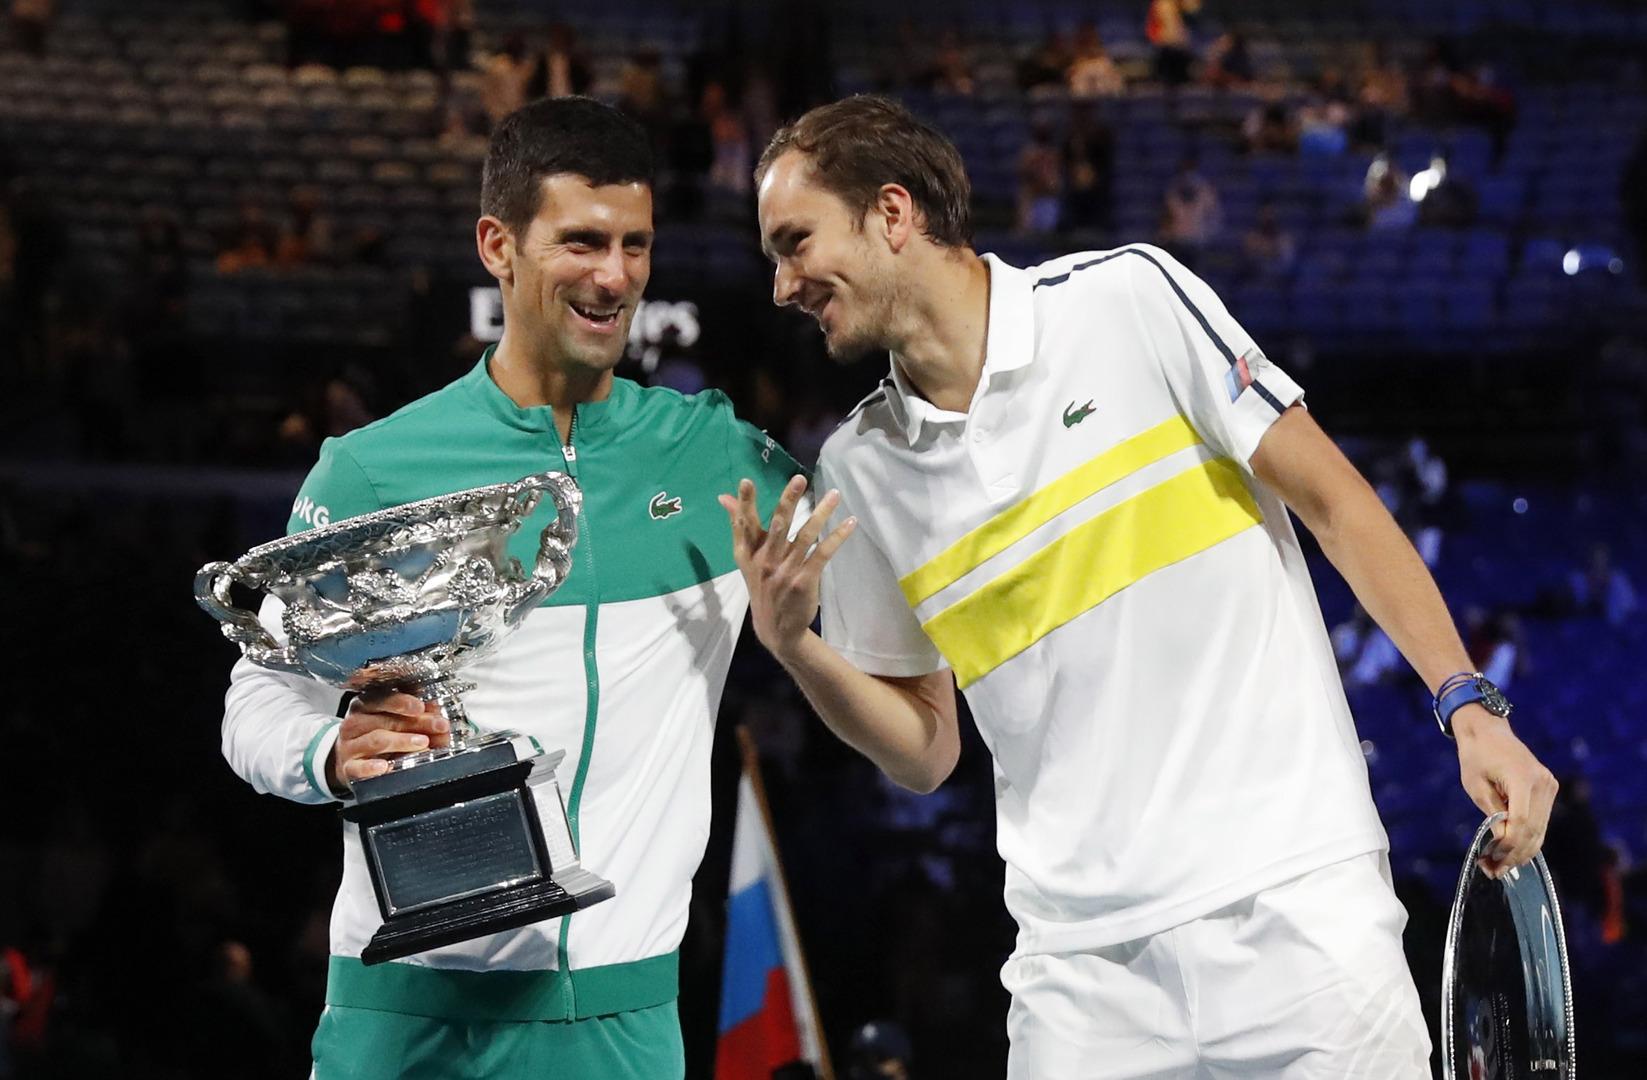 نجم التنس الروسي يحصل على فرصة لاحتلال المركز الثاني عالميا